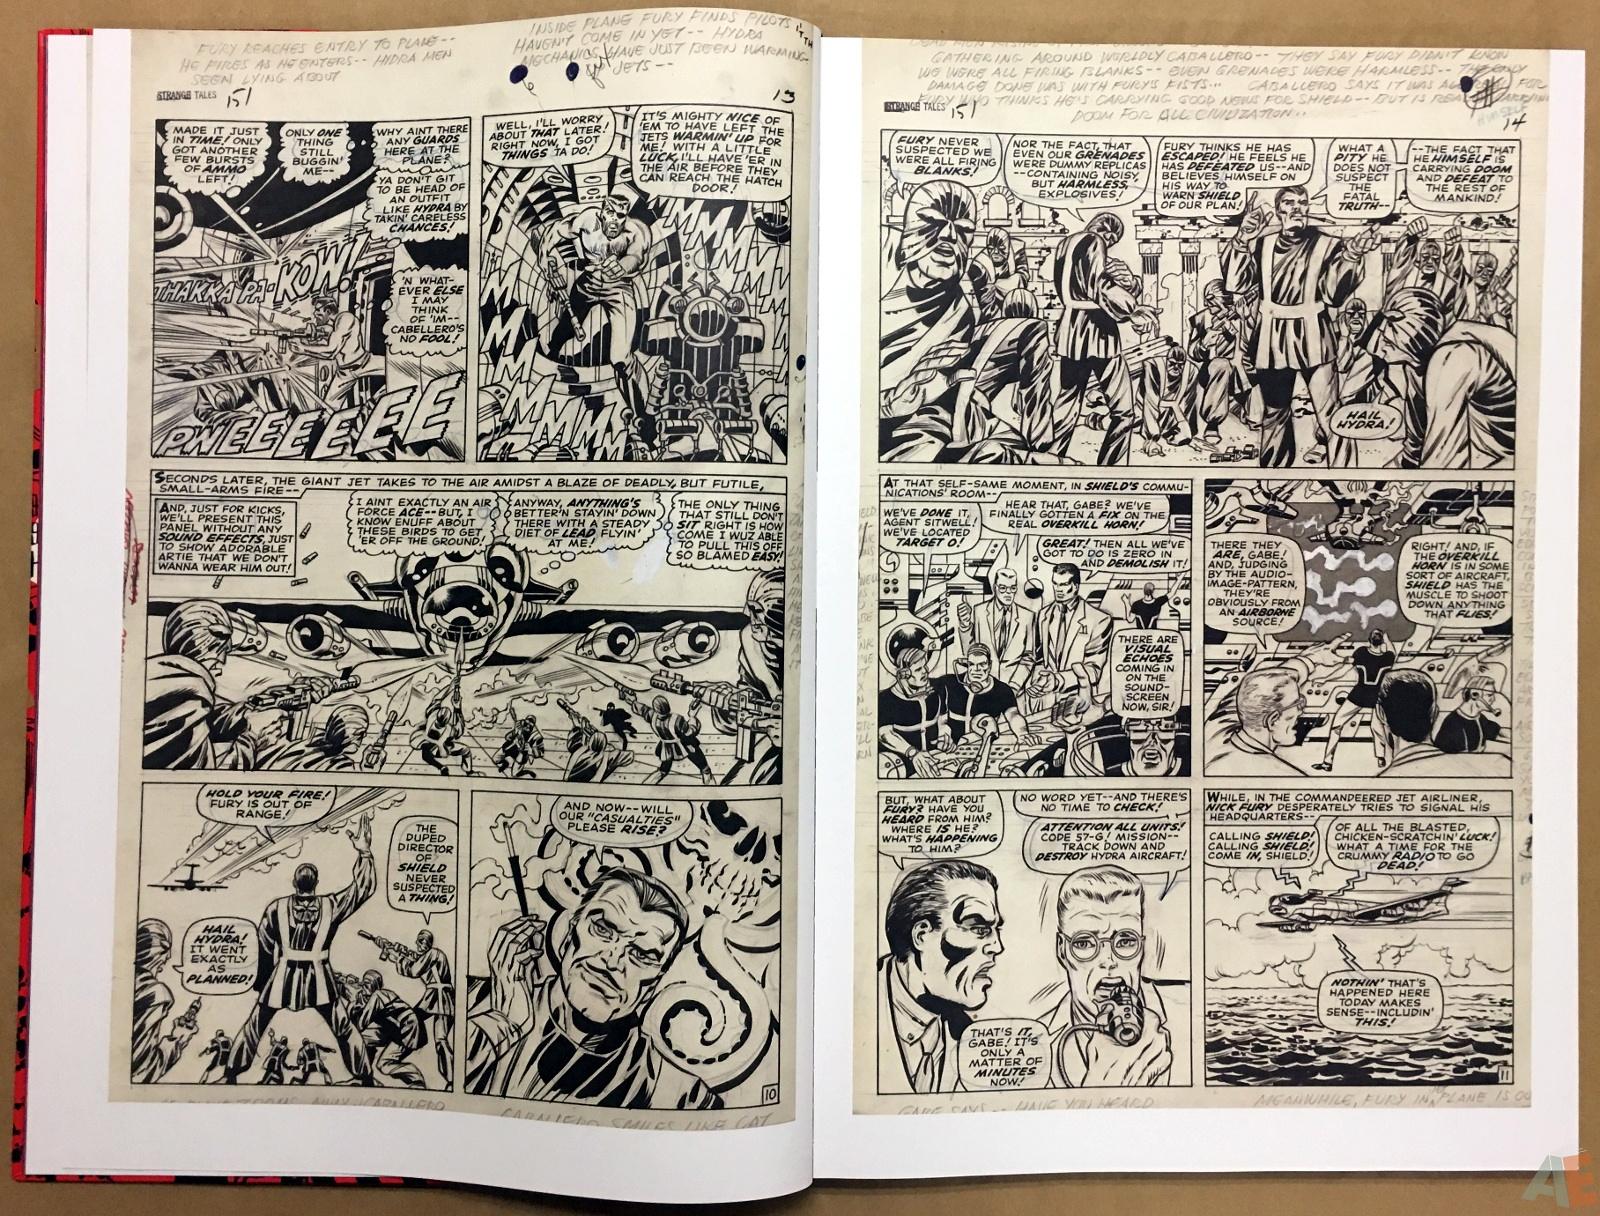 Steranko Nick Fury Agent of S.H.I.E.L.D. Artist's Edition 10